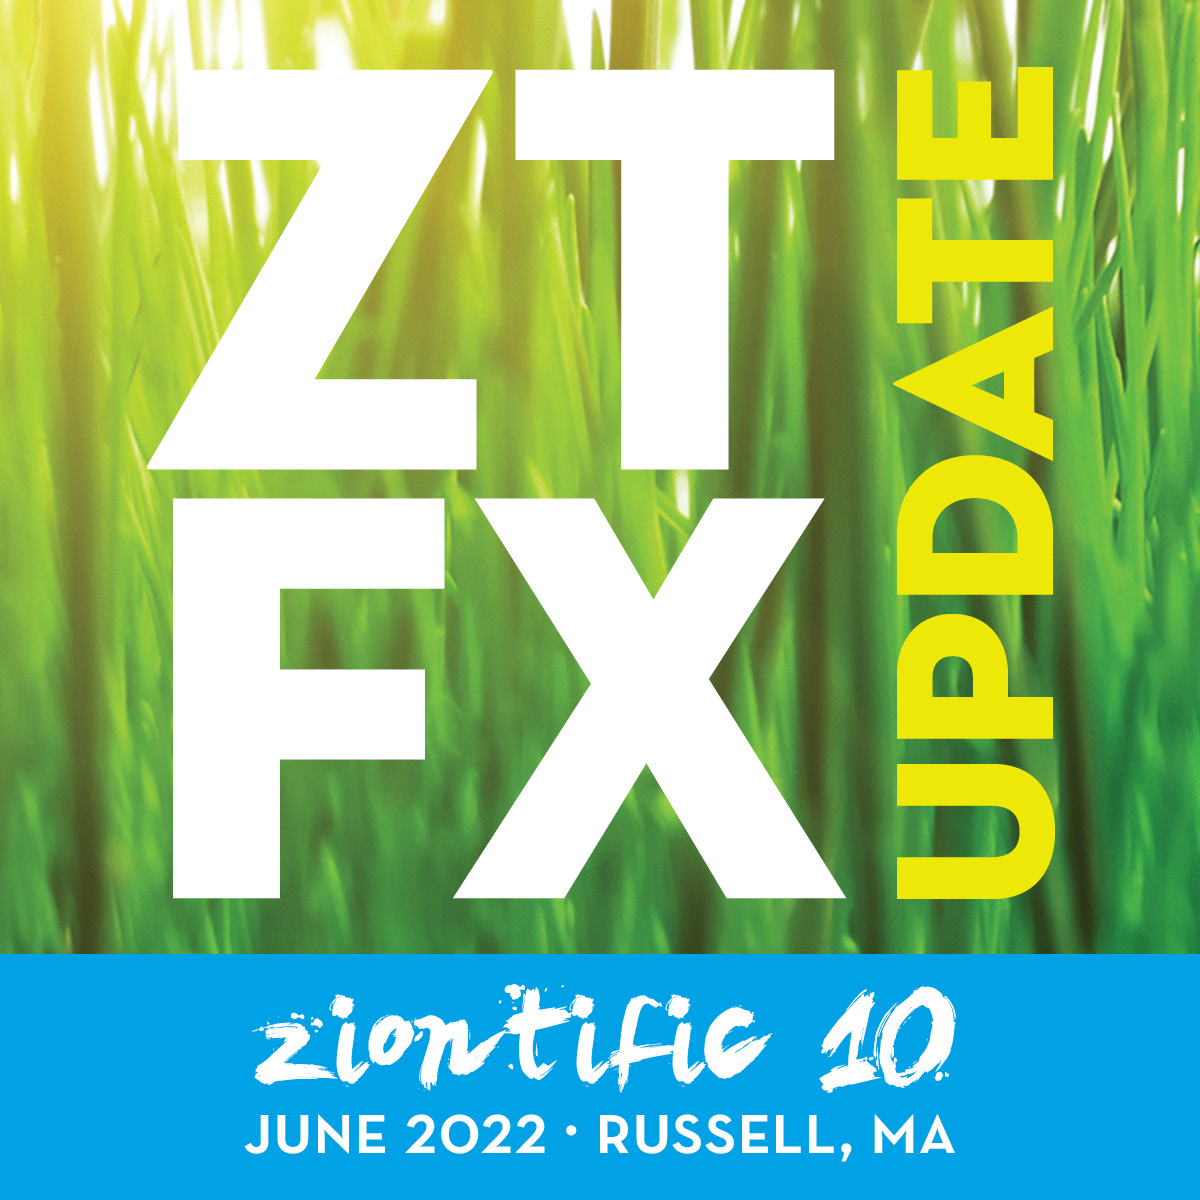 Ziontific Music Festival 2022